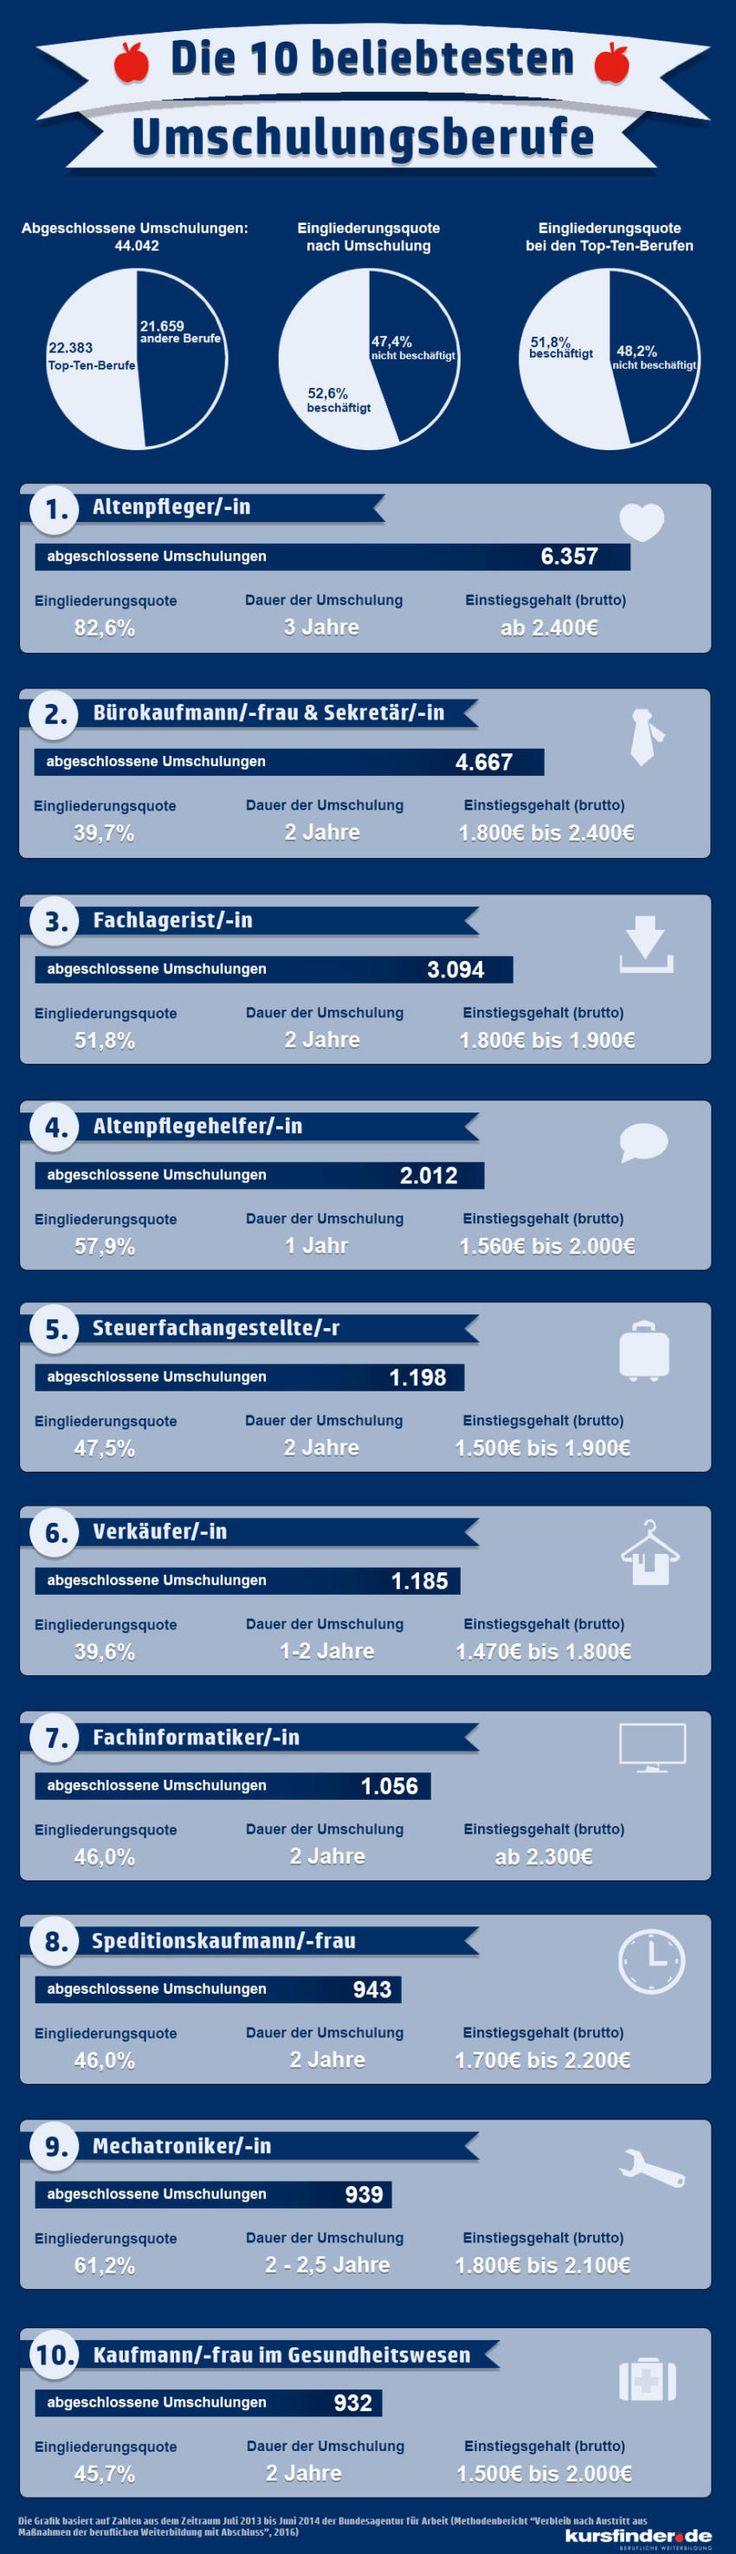 http://berufebilder.de/wp-content/uploads/2017/01/infografik_beliebteste_umschulungen.jpg Deutschlands beliebteste Umschulungen: Top 10 der Weiterbildungs-Jobs #Arbeitsagentur #Lebenslauf #Weiterbildung #Bildung